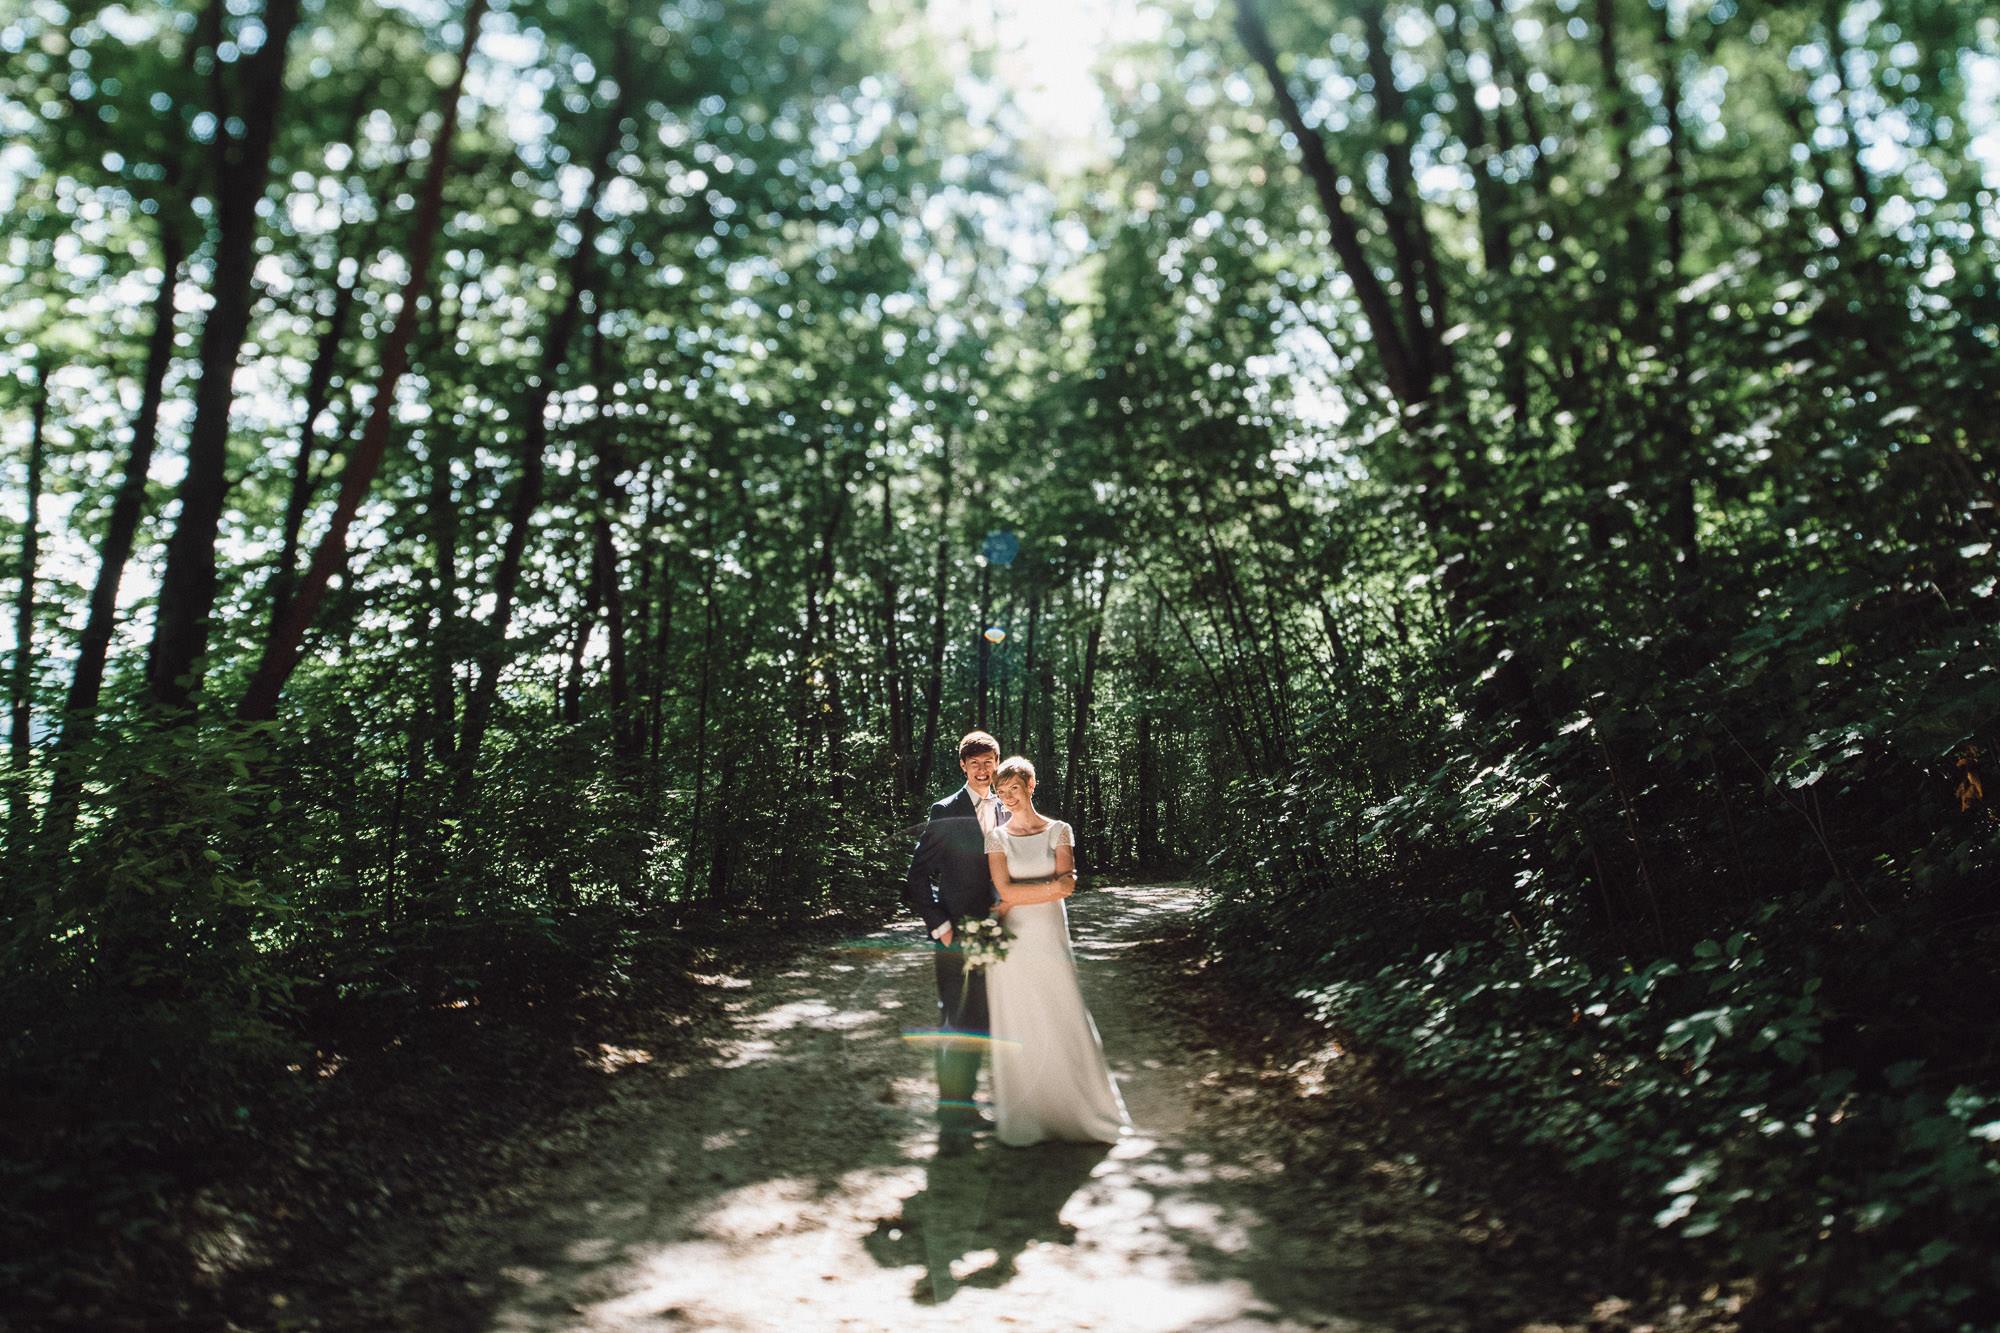 greenery-wedding-hochzeit-prielhof-sukkulenten-scheyern-lauraelenaphotography-058